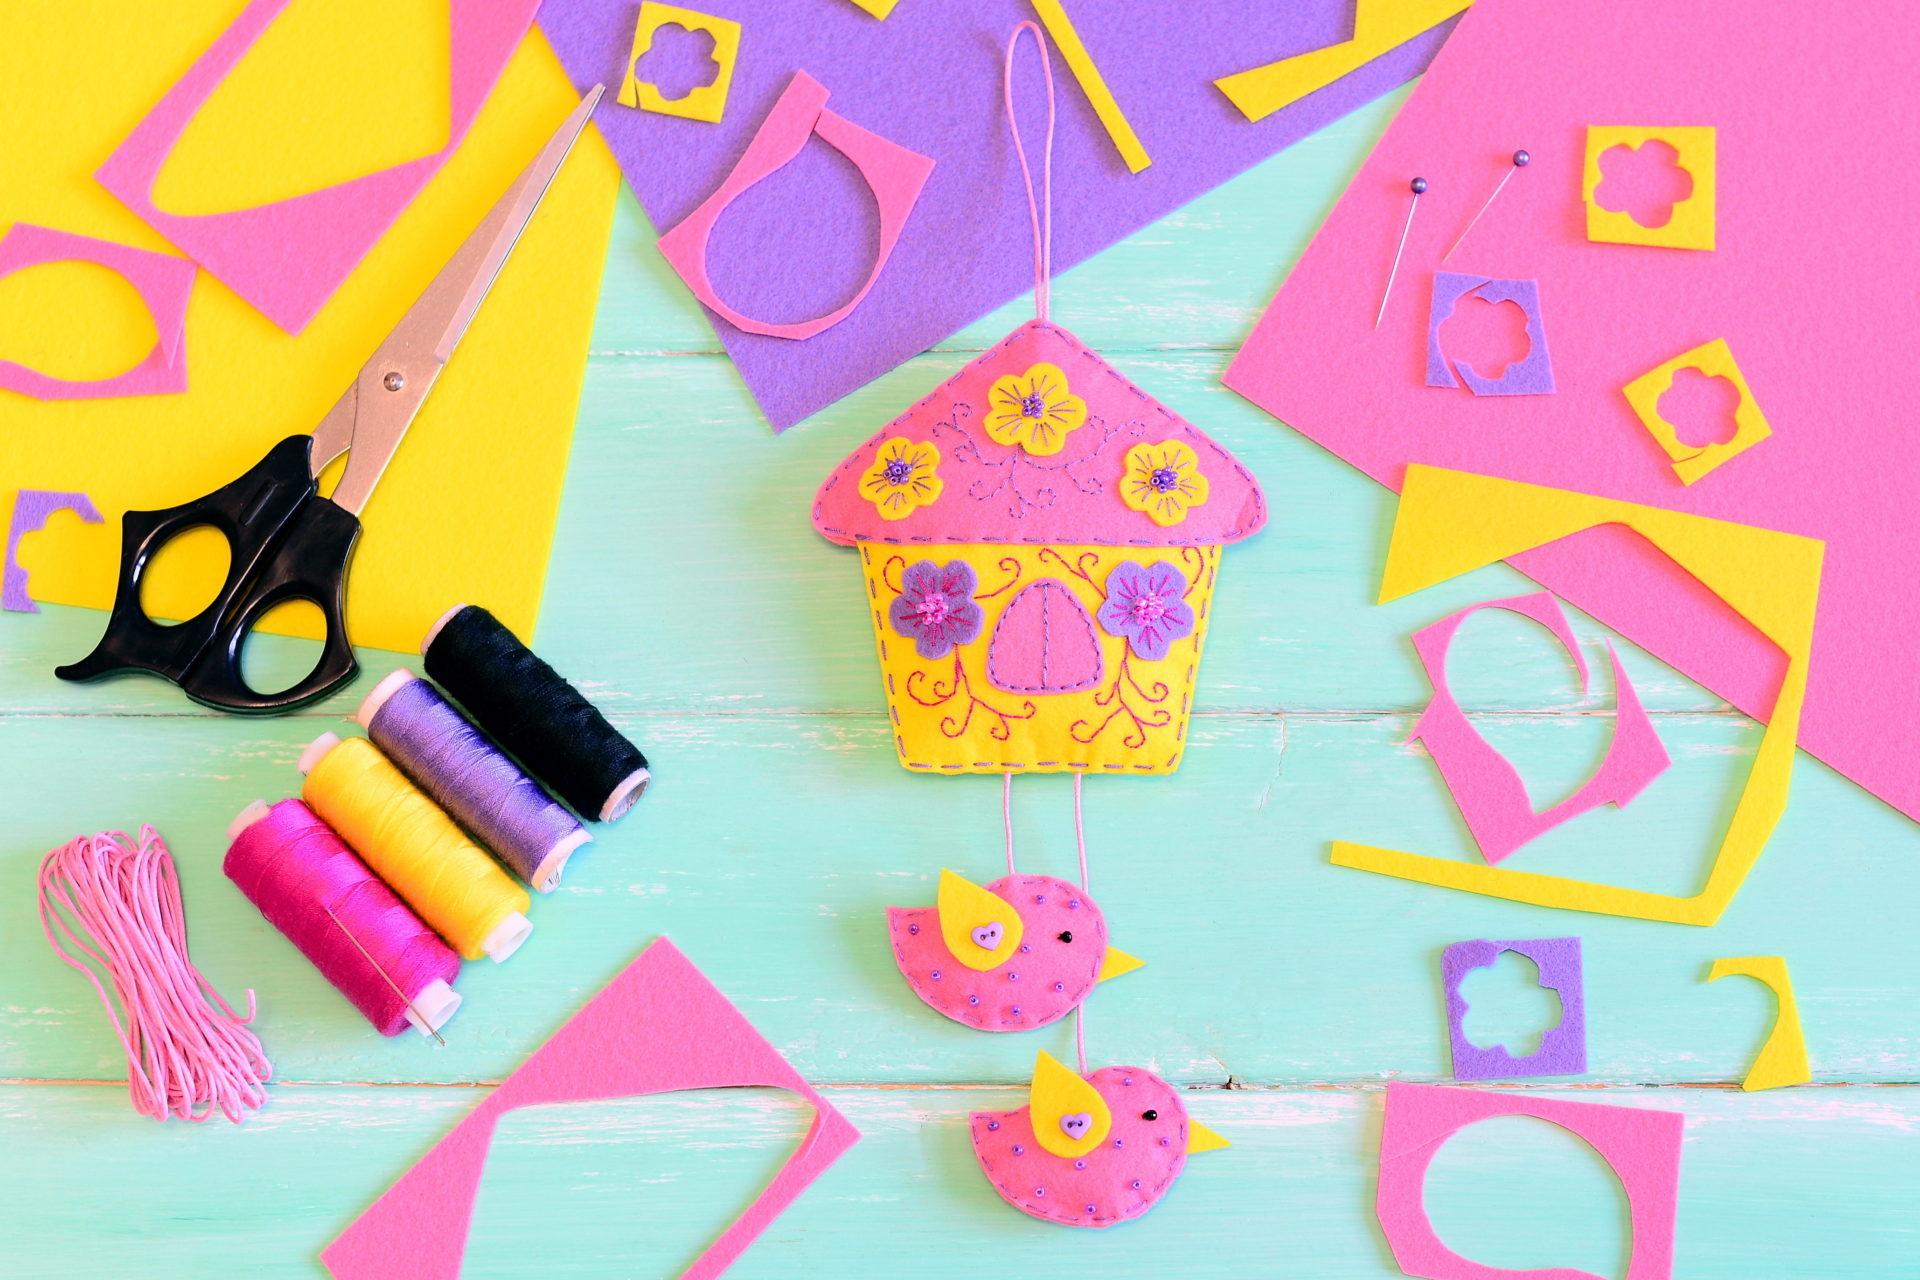 Activités Maternelle Printemps, Idées Bricolage De Printemps dedans Découpage Collage A Imprimer